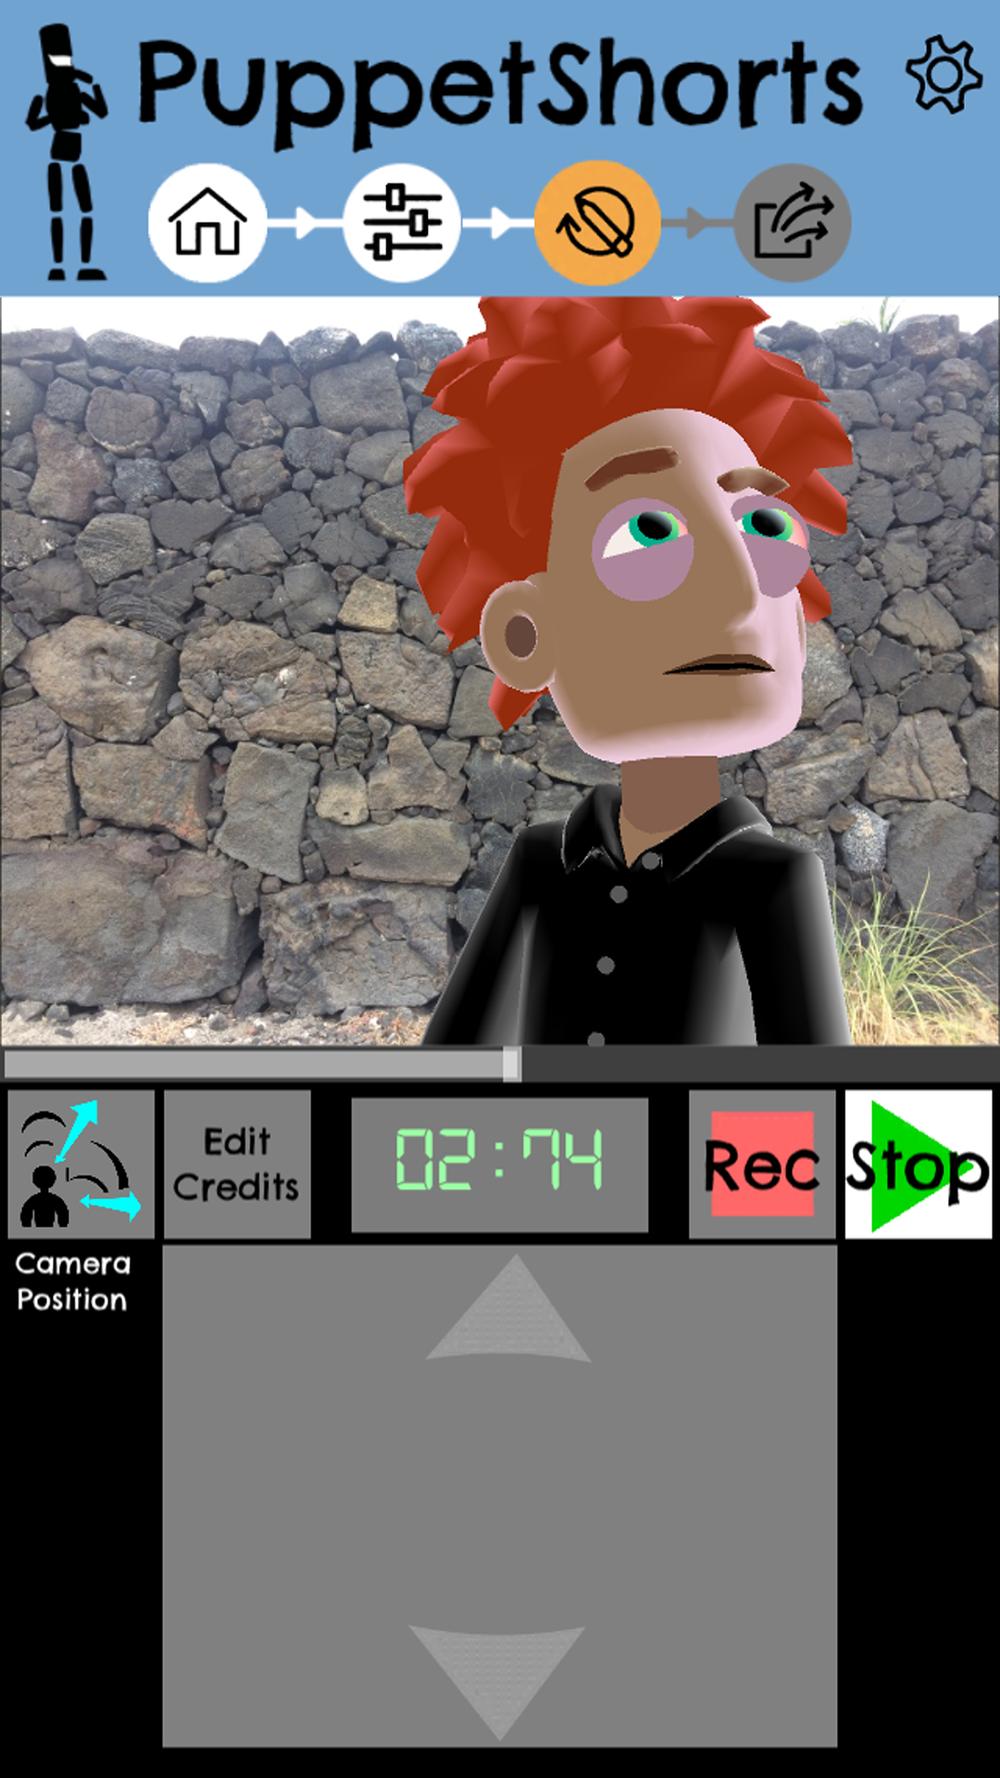 PuppetShortsPhoneScreen04.png